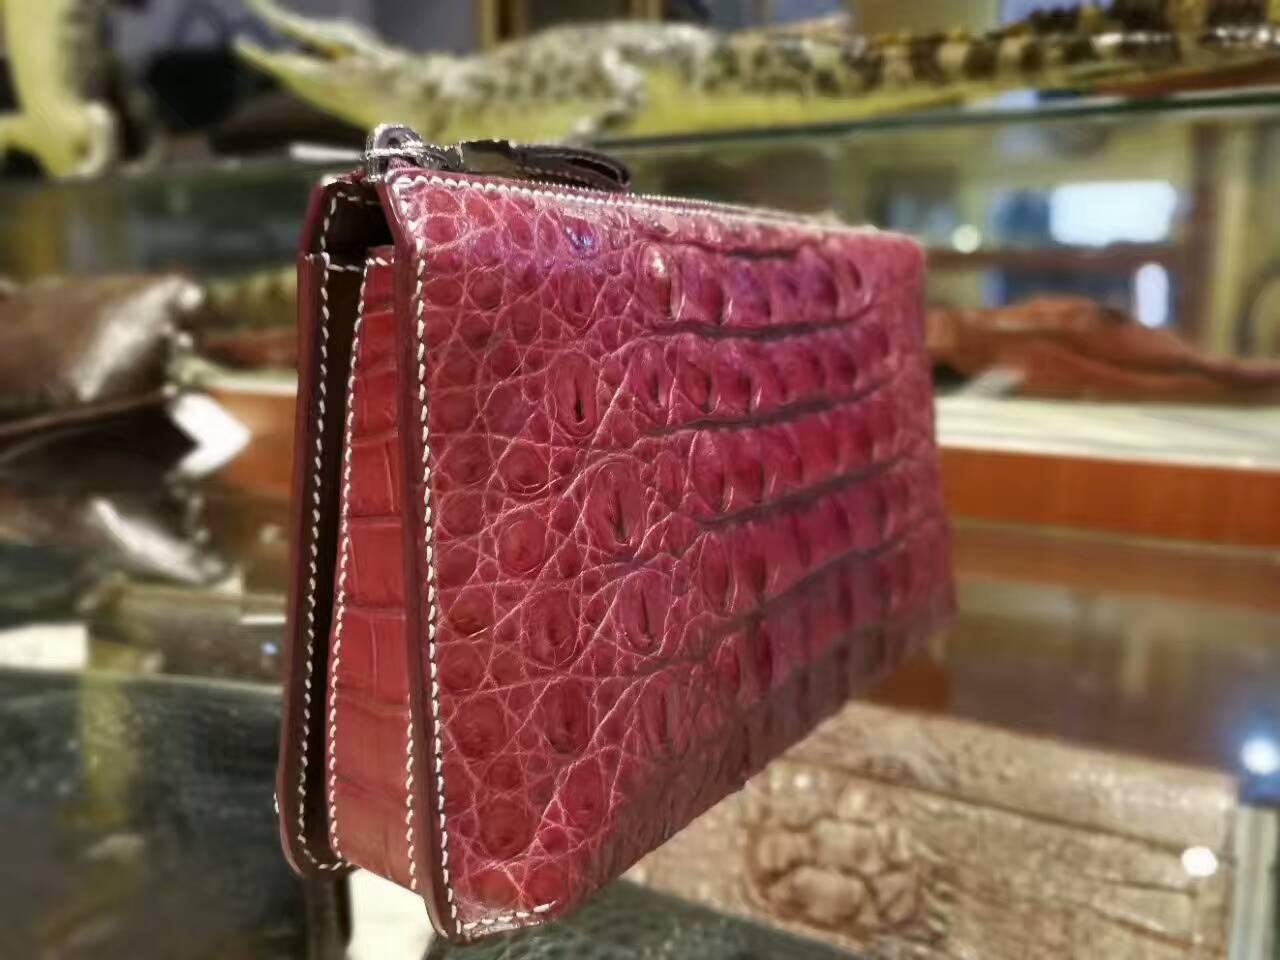 上海蟒蛇皮包tt027厂家直销 蟒蛇皮包厂家直销 上海蟒蛇皮包蛇tt027